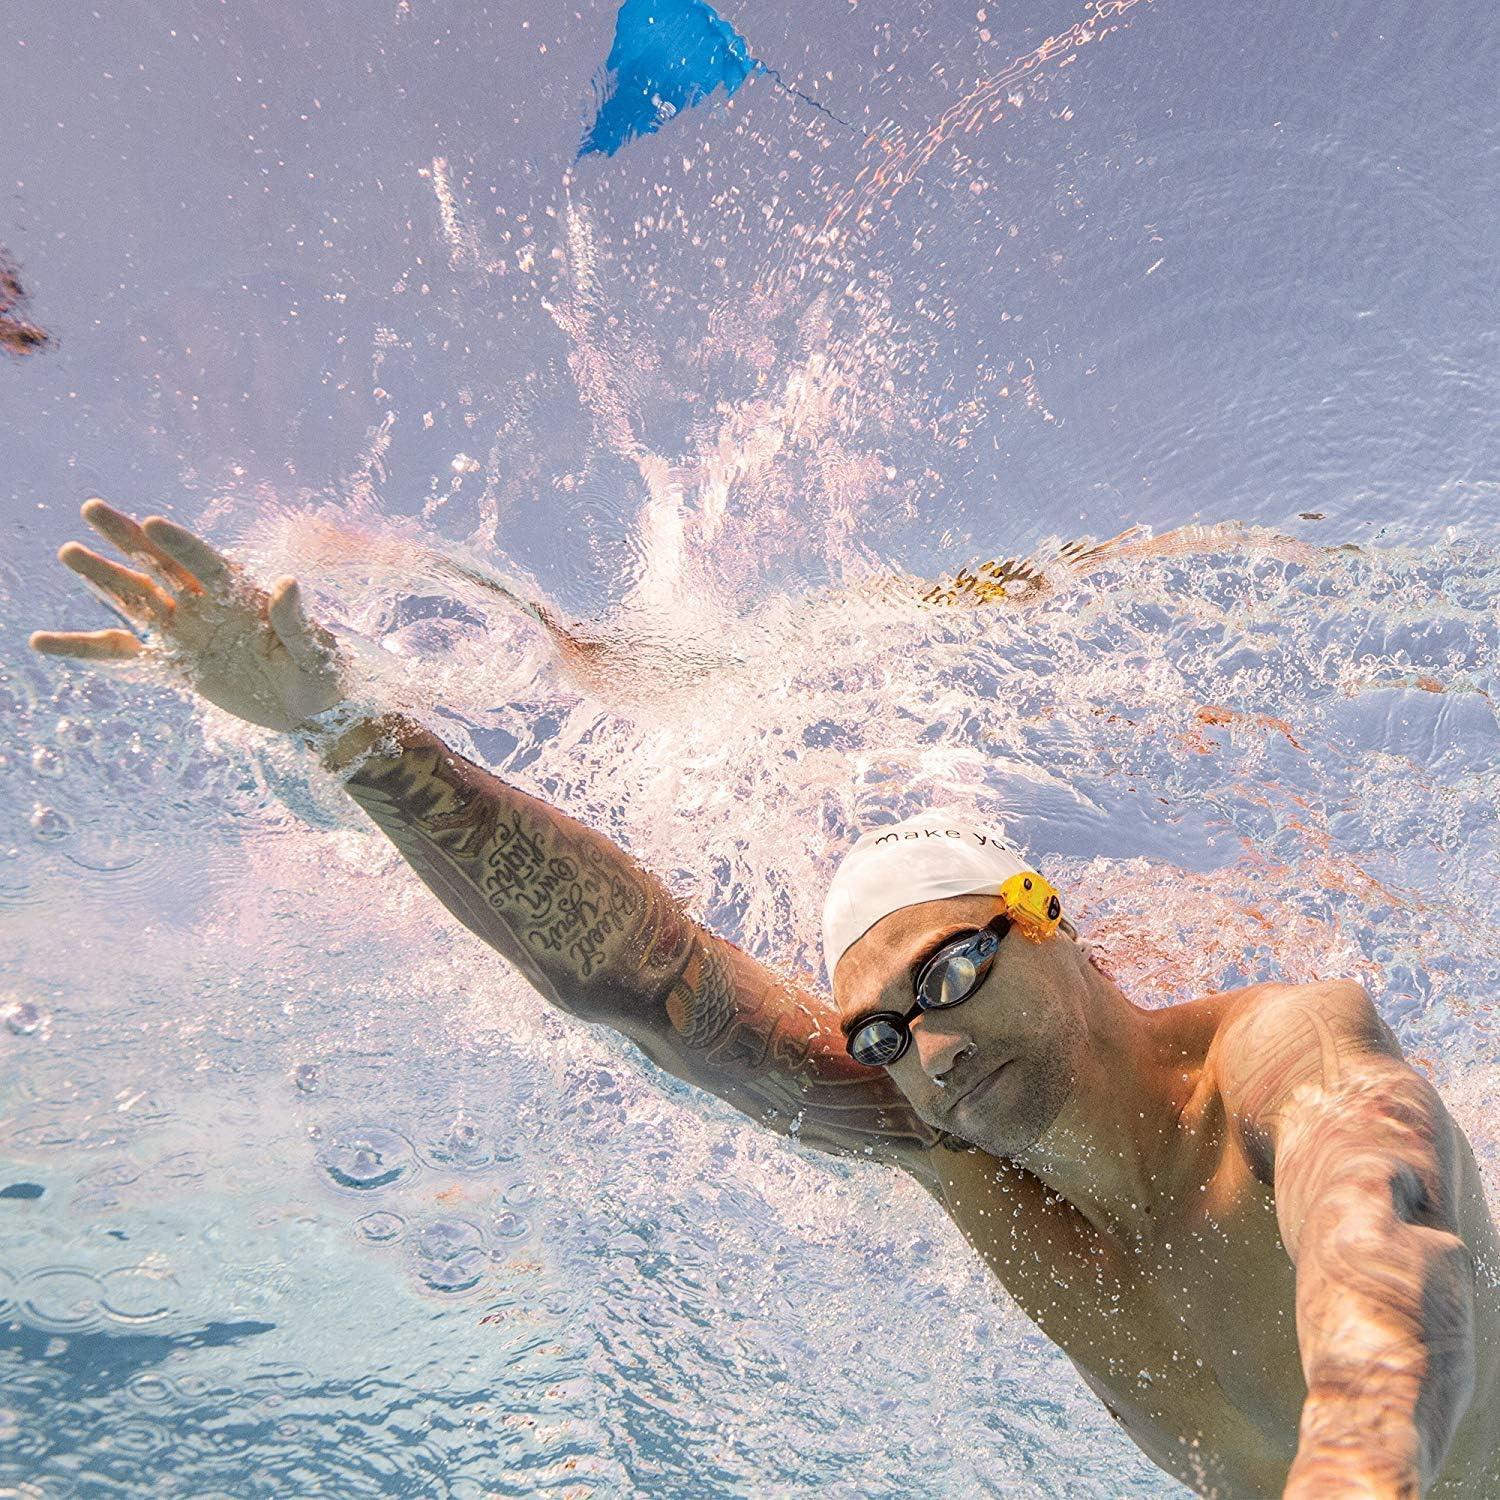 Finis Erweiterte Akustische Metronom Zum Schwimmen Tempo Trainer Pro Cronómetro de natación, Unisex, Amarillo, Small: Amazon.es: Deportes y aire libre